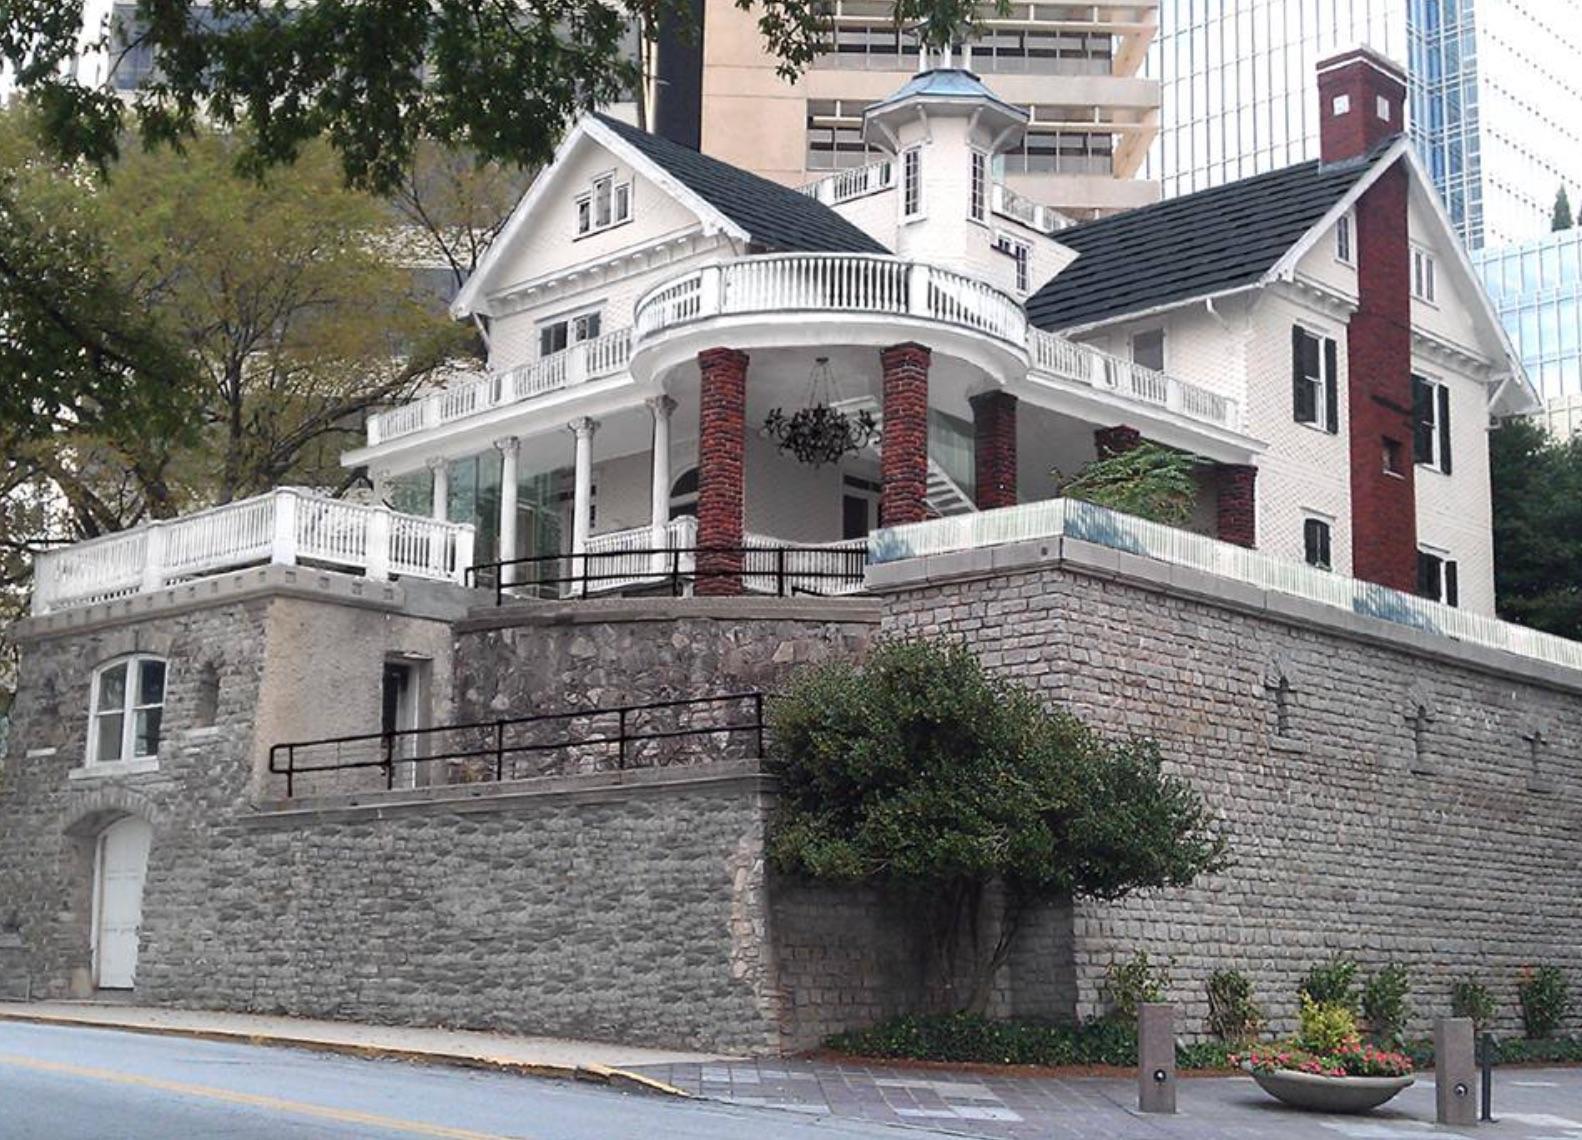 The Castle, exterior